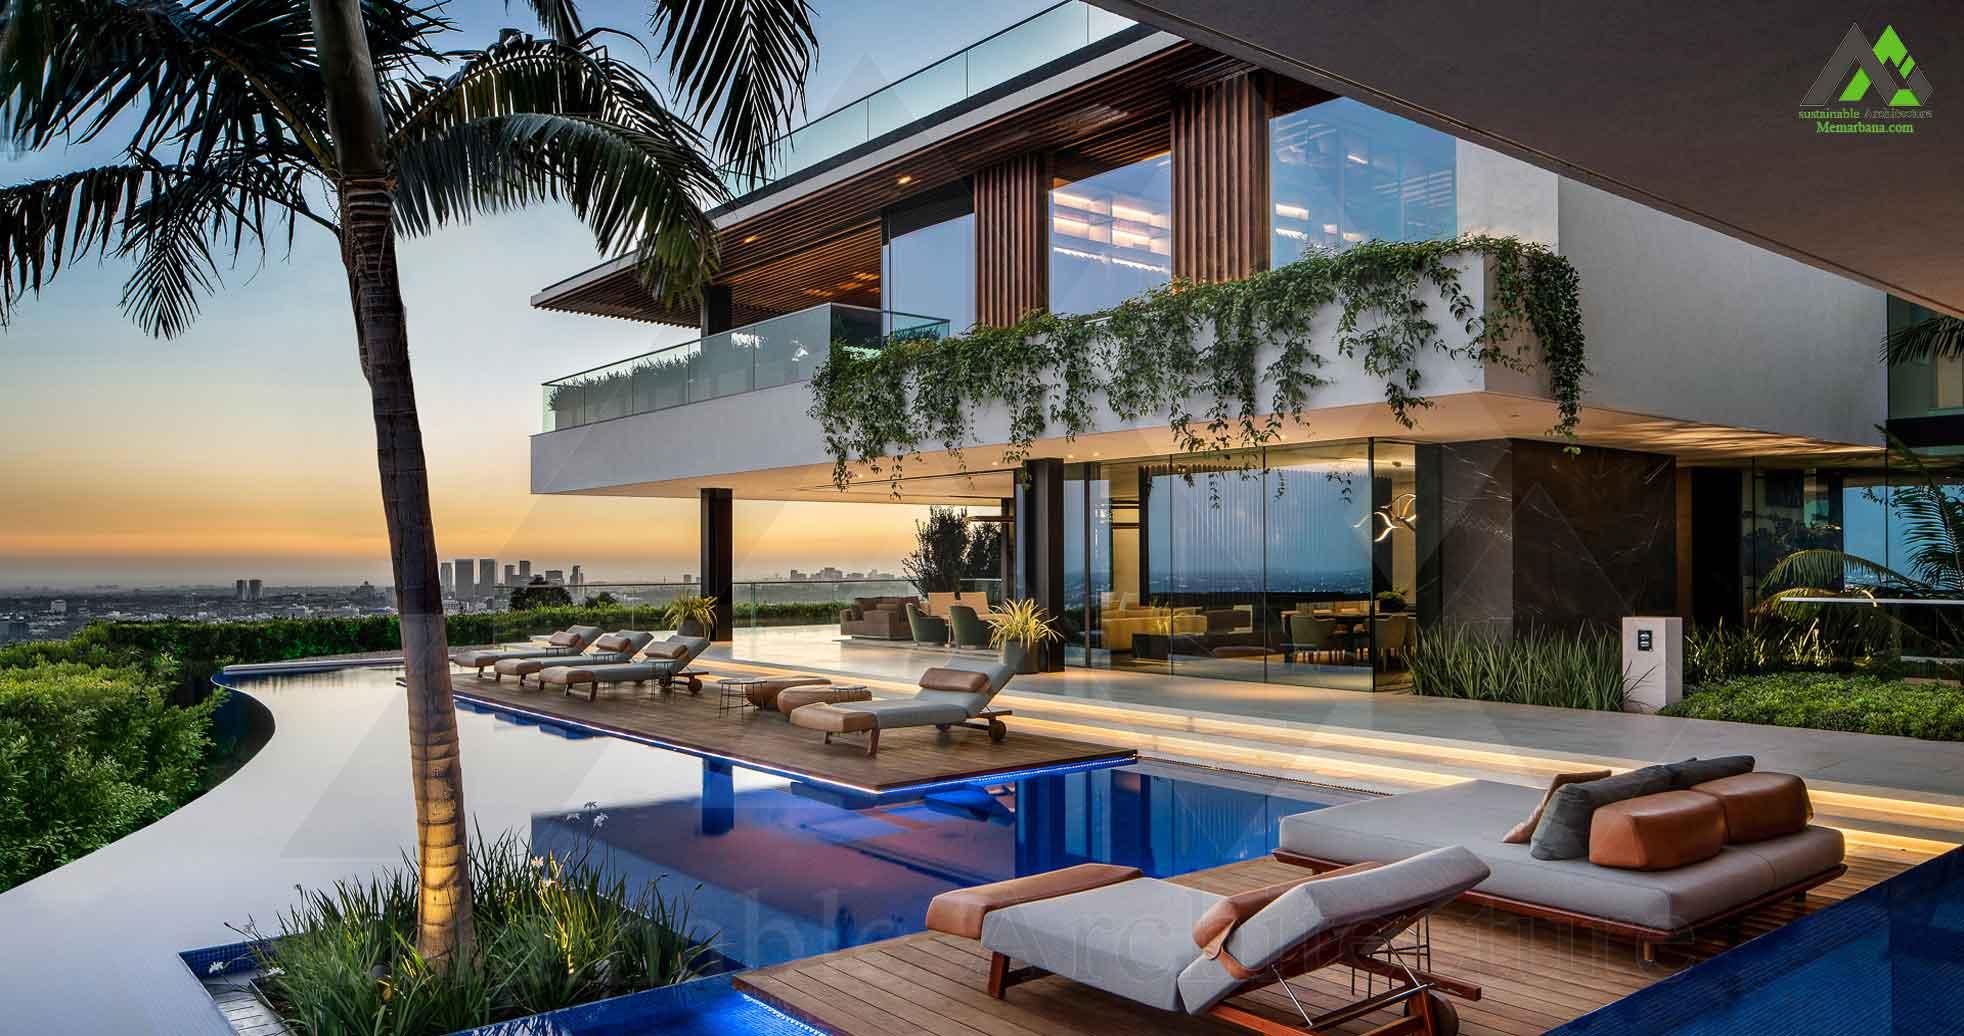 طراحی پلان خانه ویلایی دوبلکس لوکس